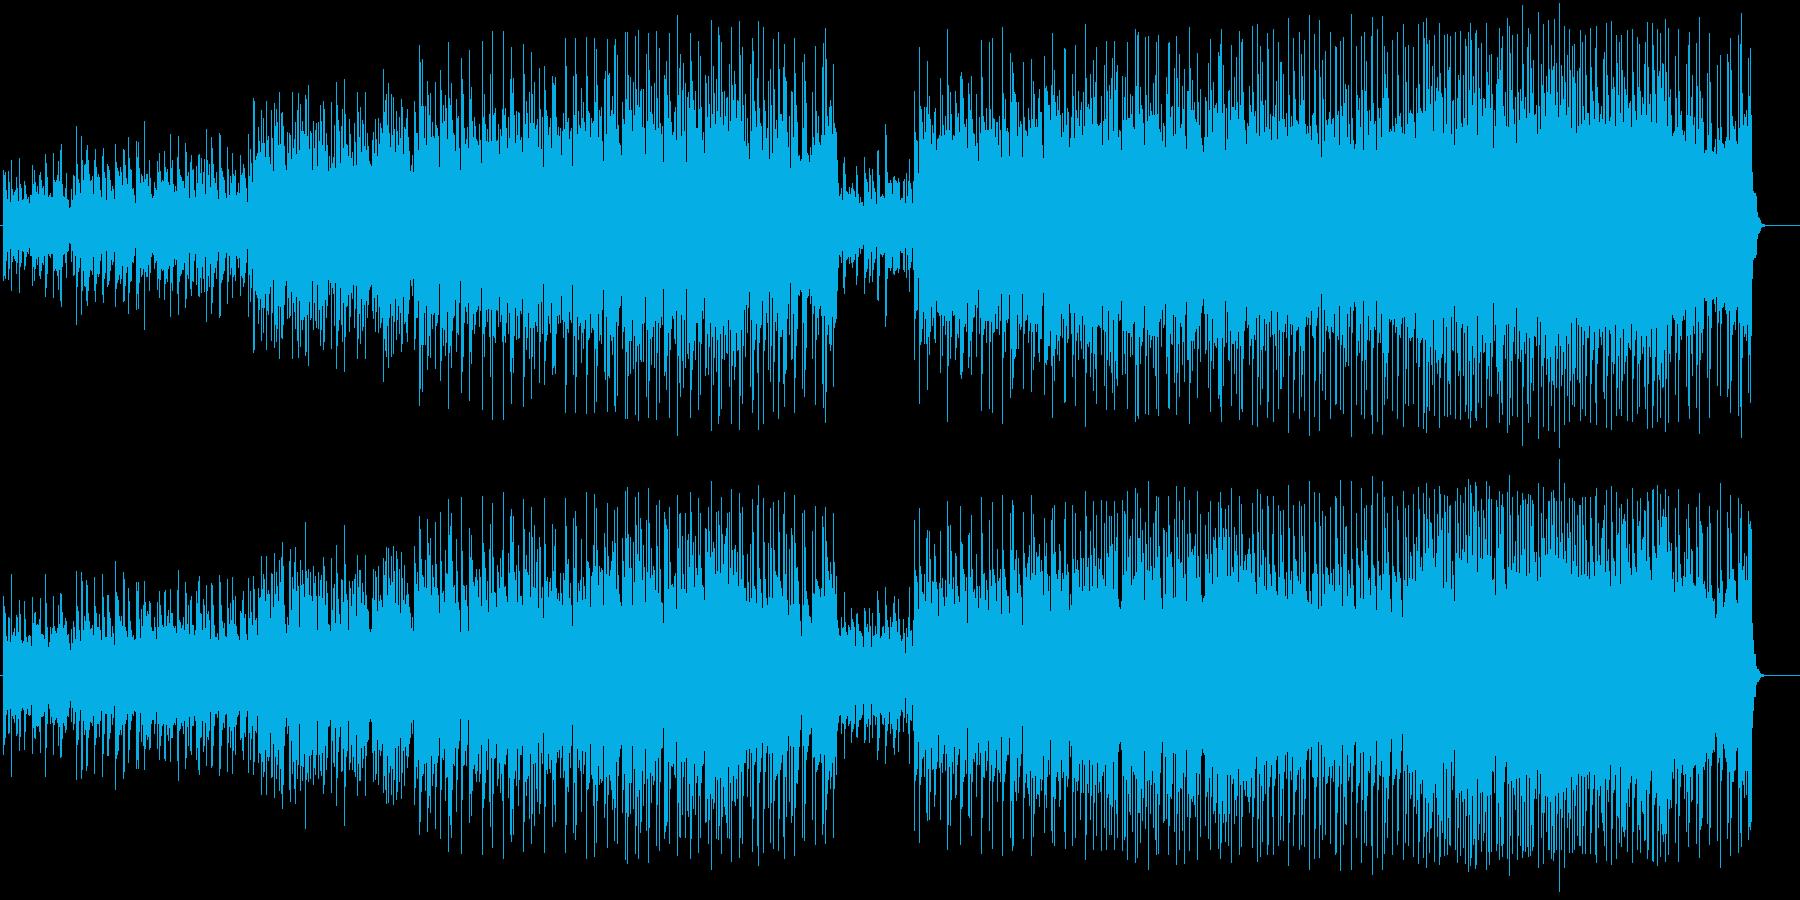 ナイーブなチャイニーズ風ポップ・バラードの再生済みの波形